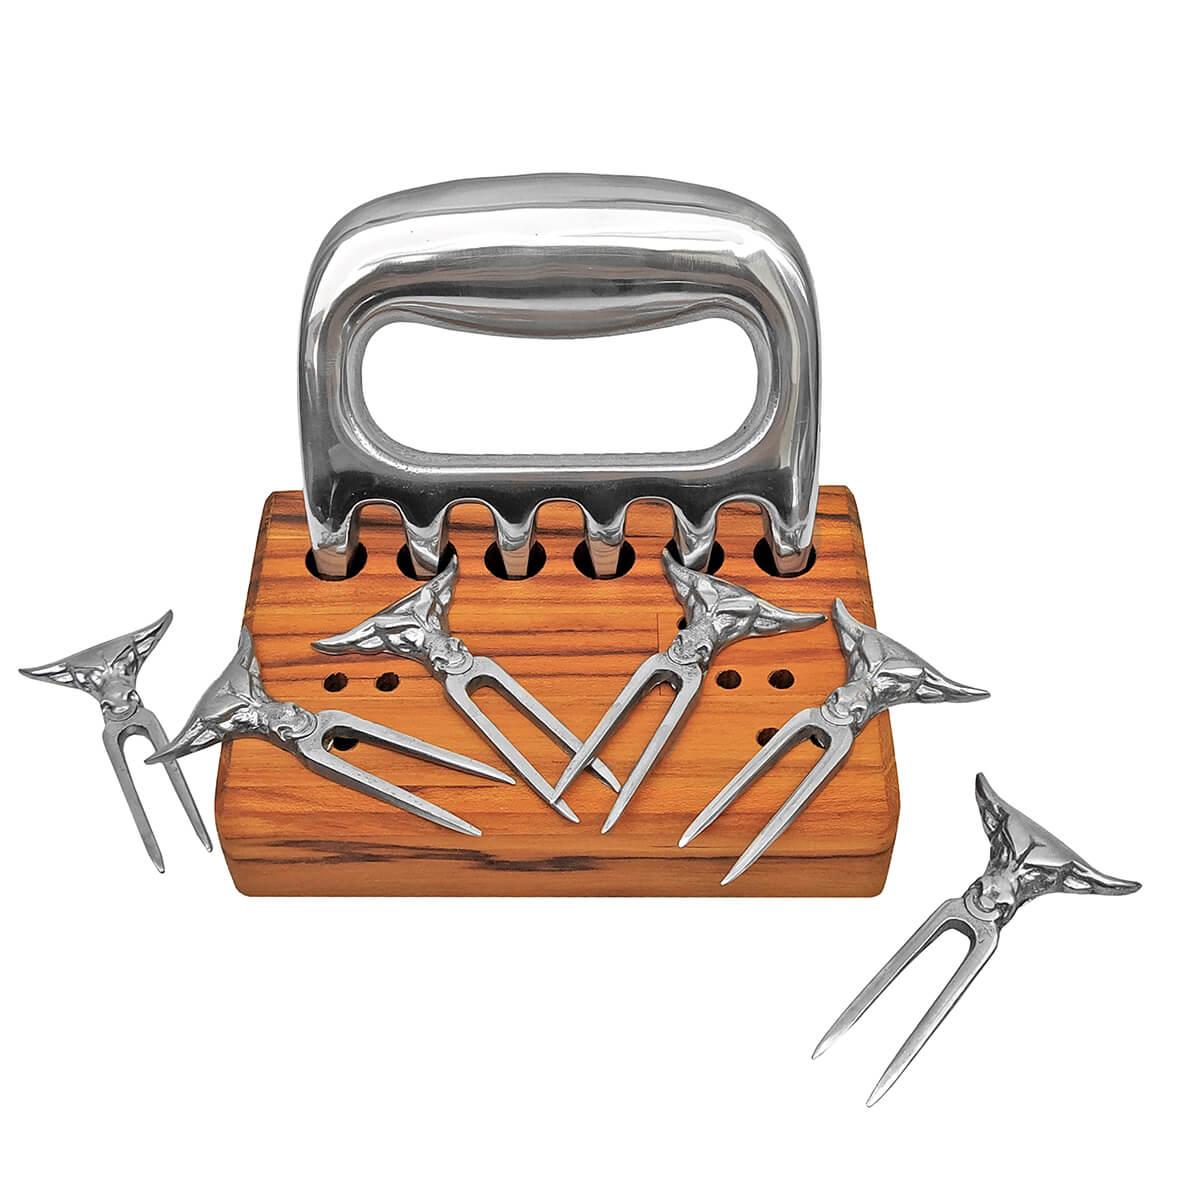 Kit Garra de Urso + 6 Mini Tridente + Base em madeira